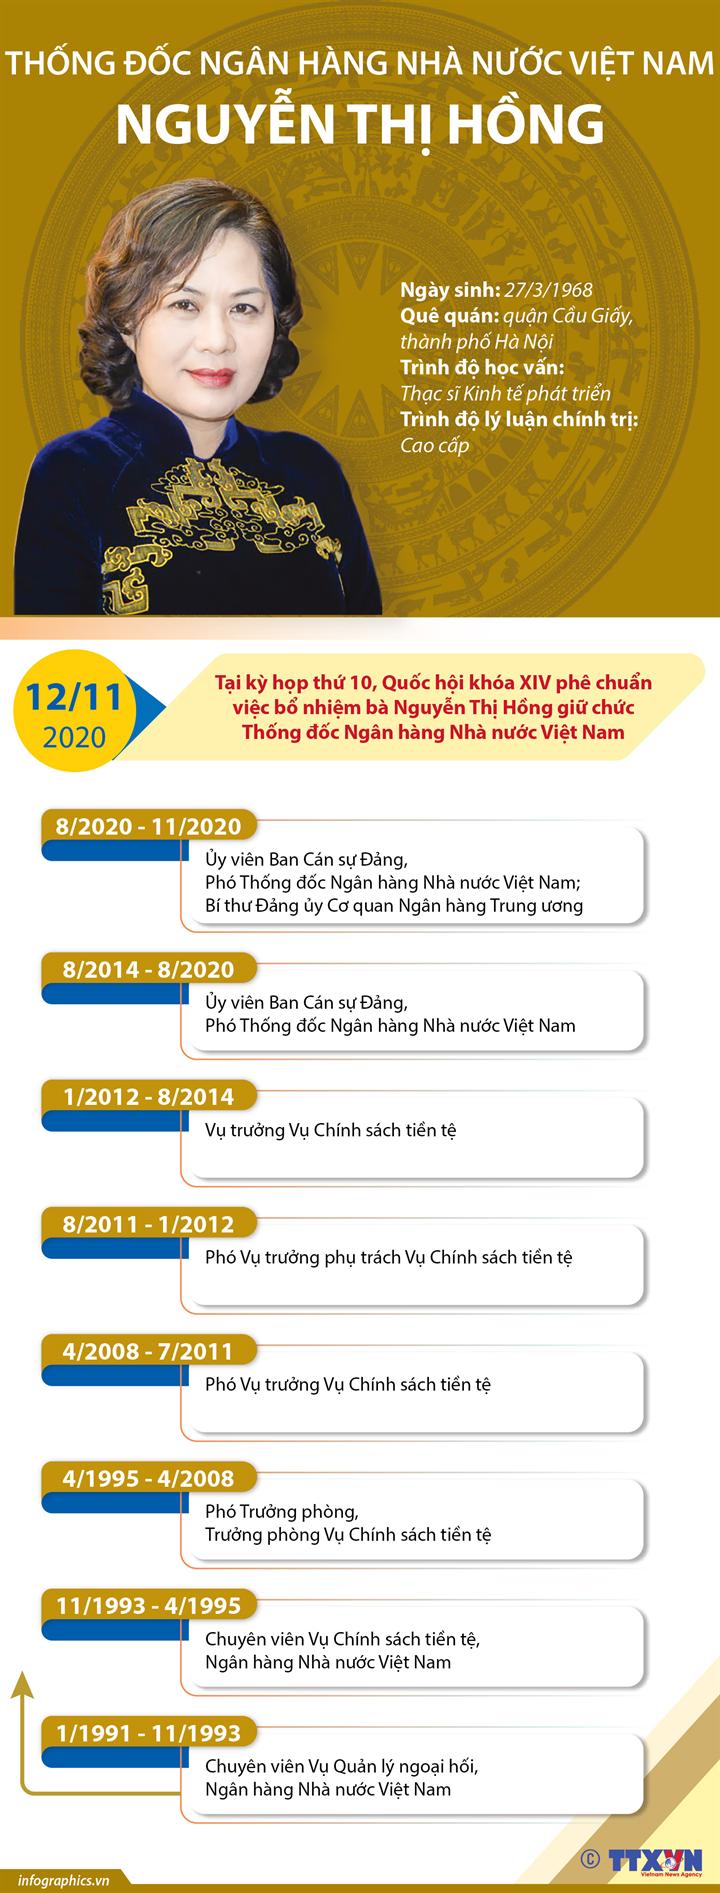 Thống đốc Ngân hàng Nhà nước Việt Nam Nguyễn Thị Hồng